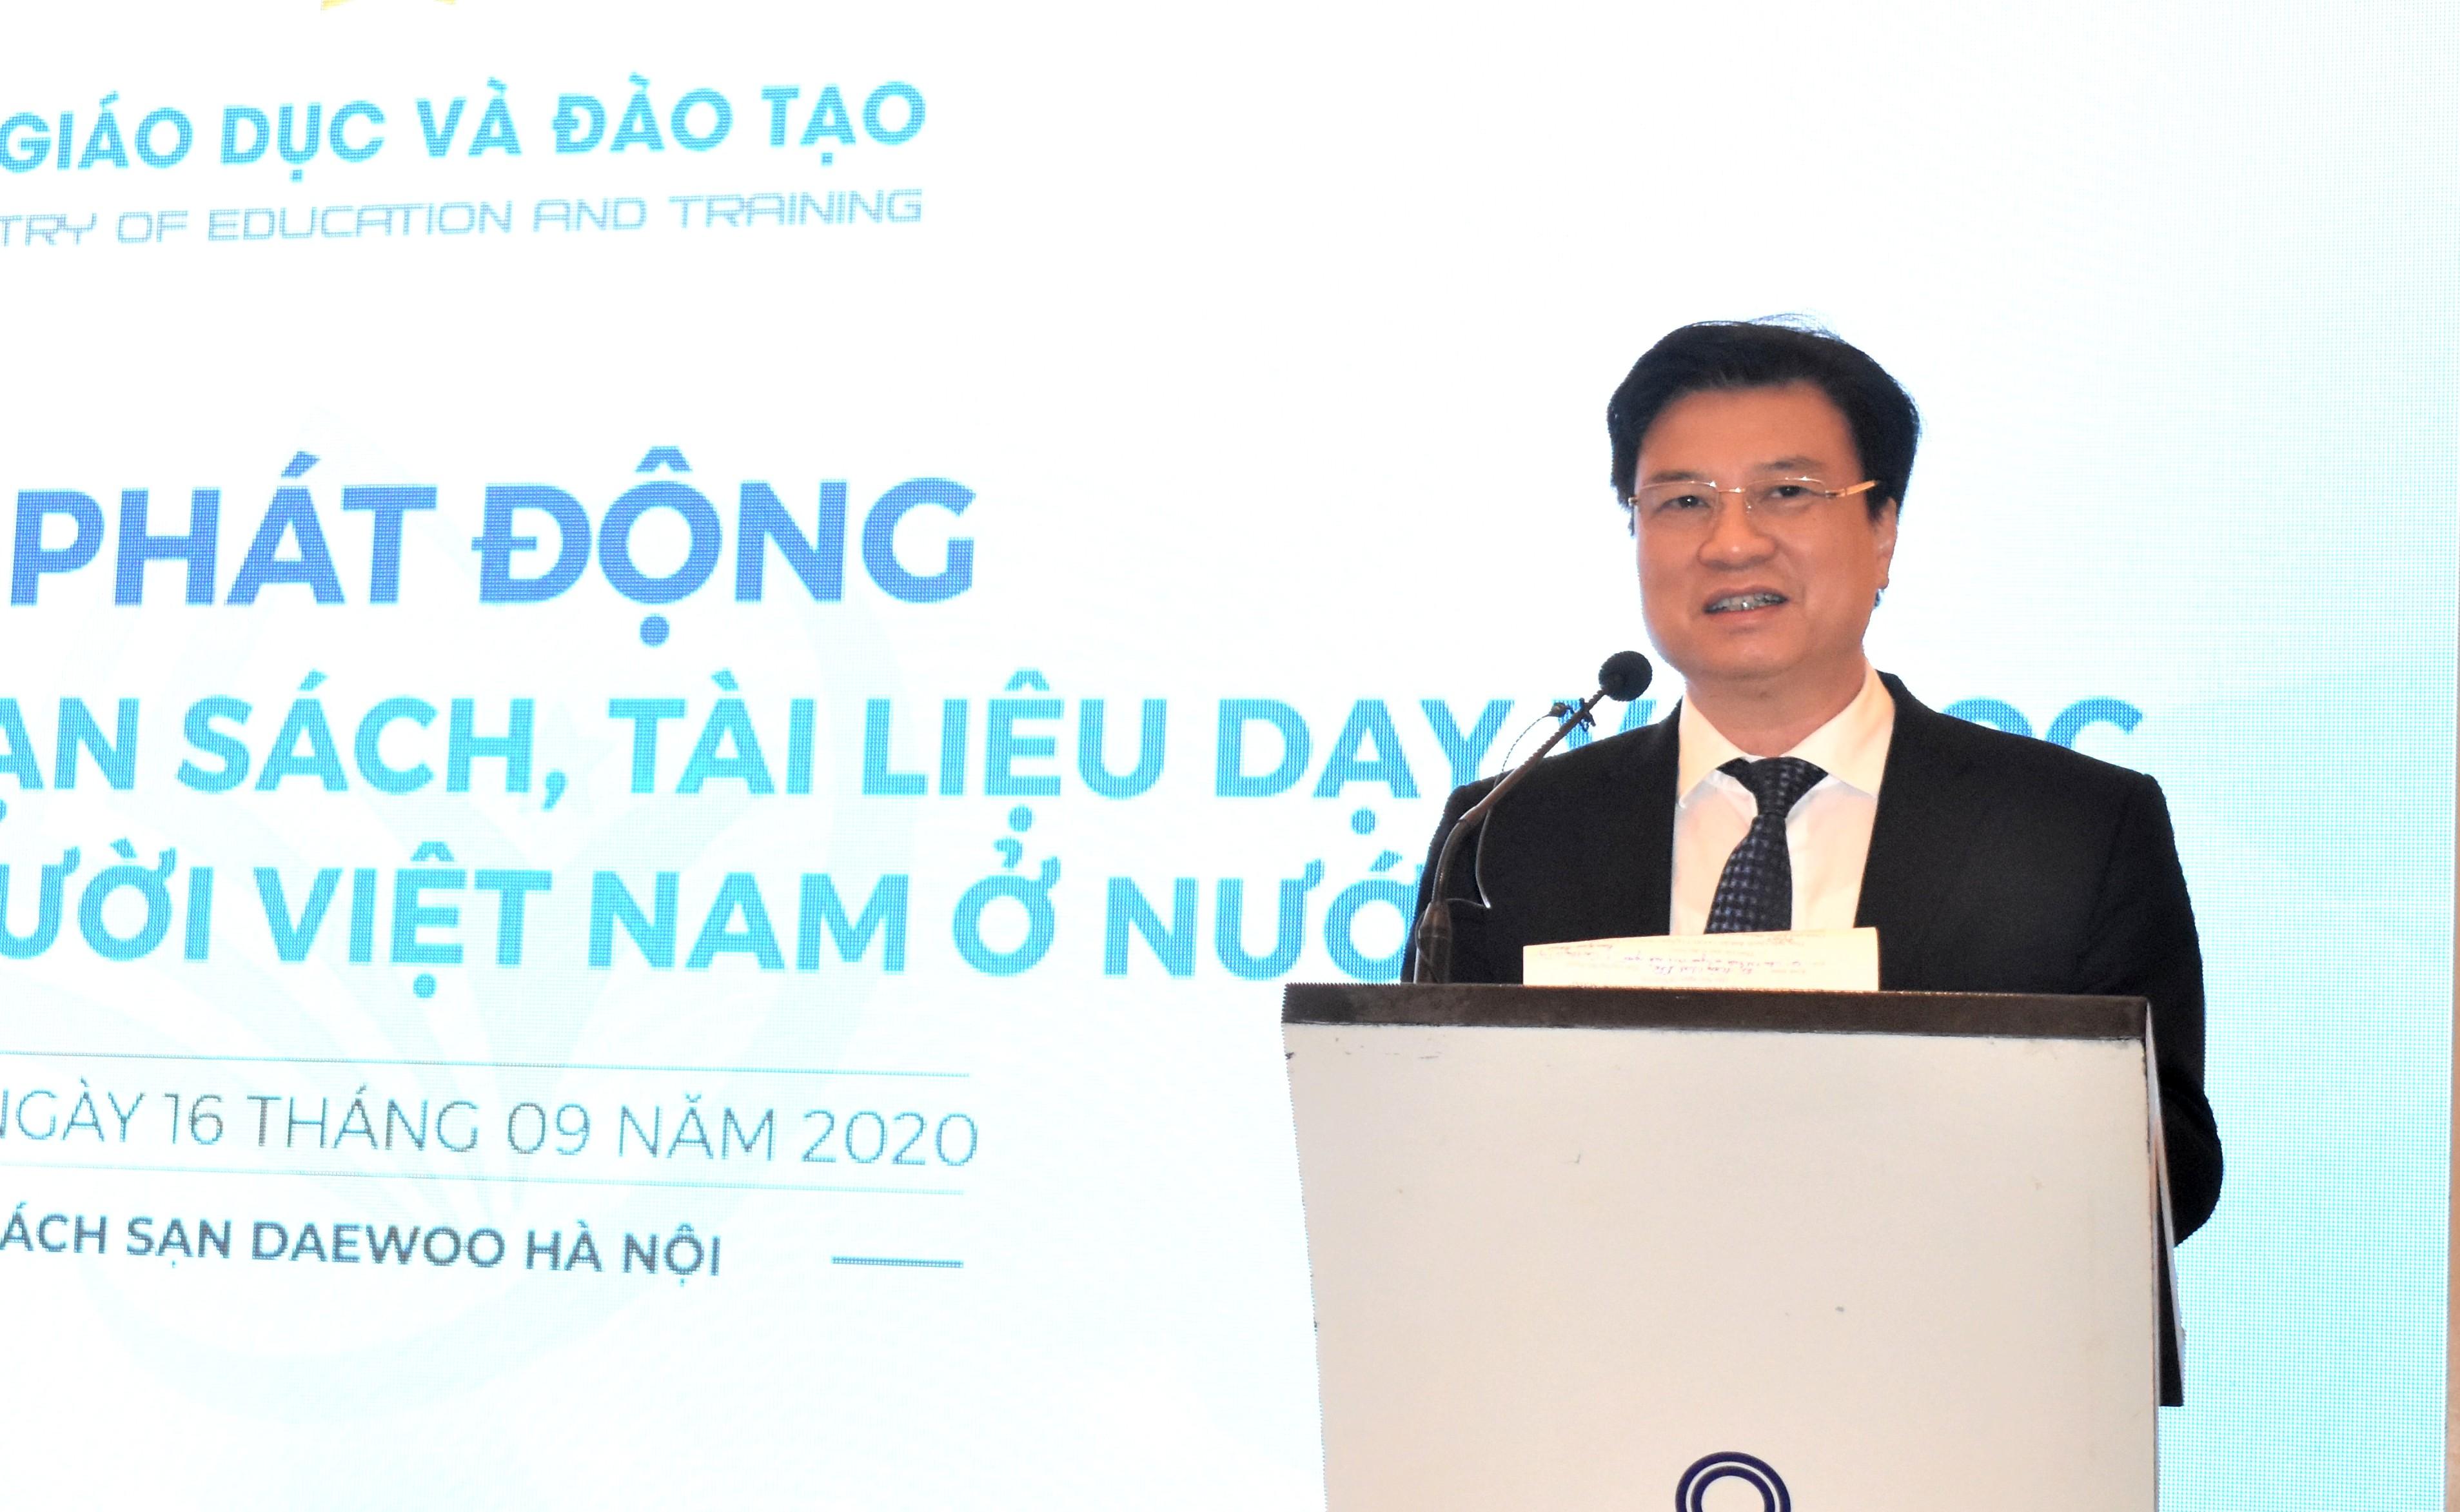 Thứ trưởng Nguyễn Hữu Độ